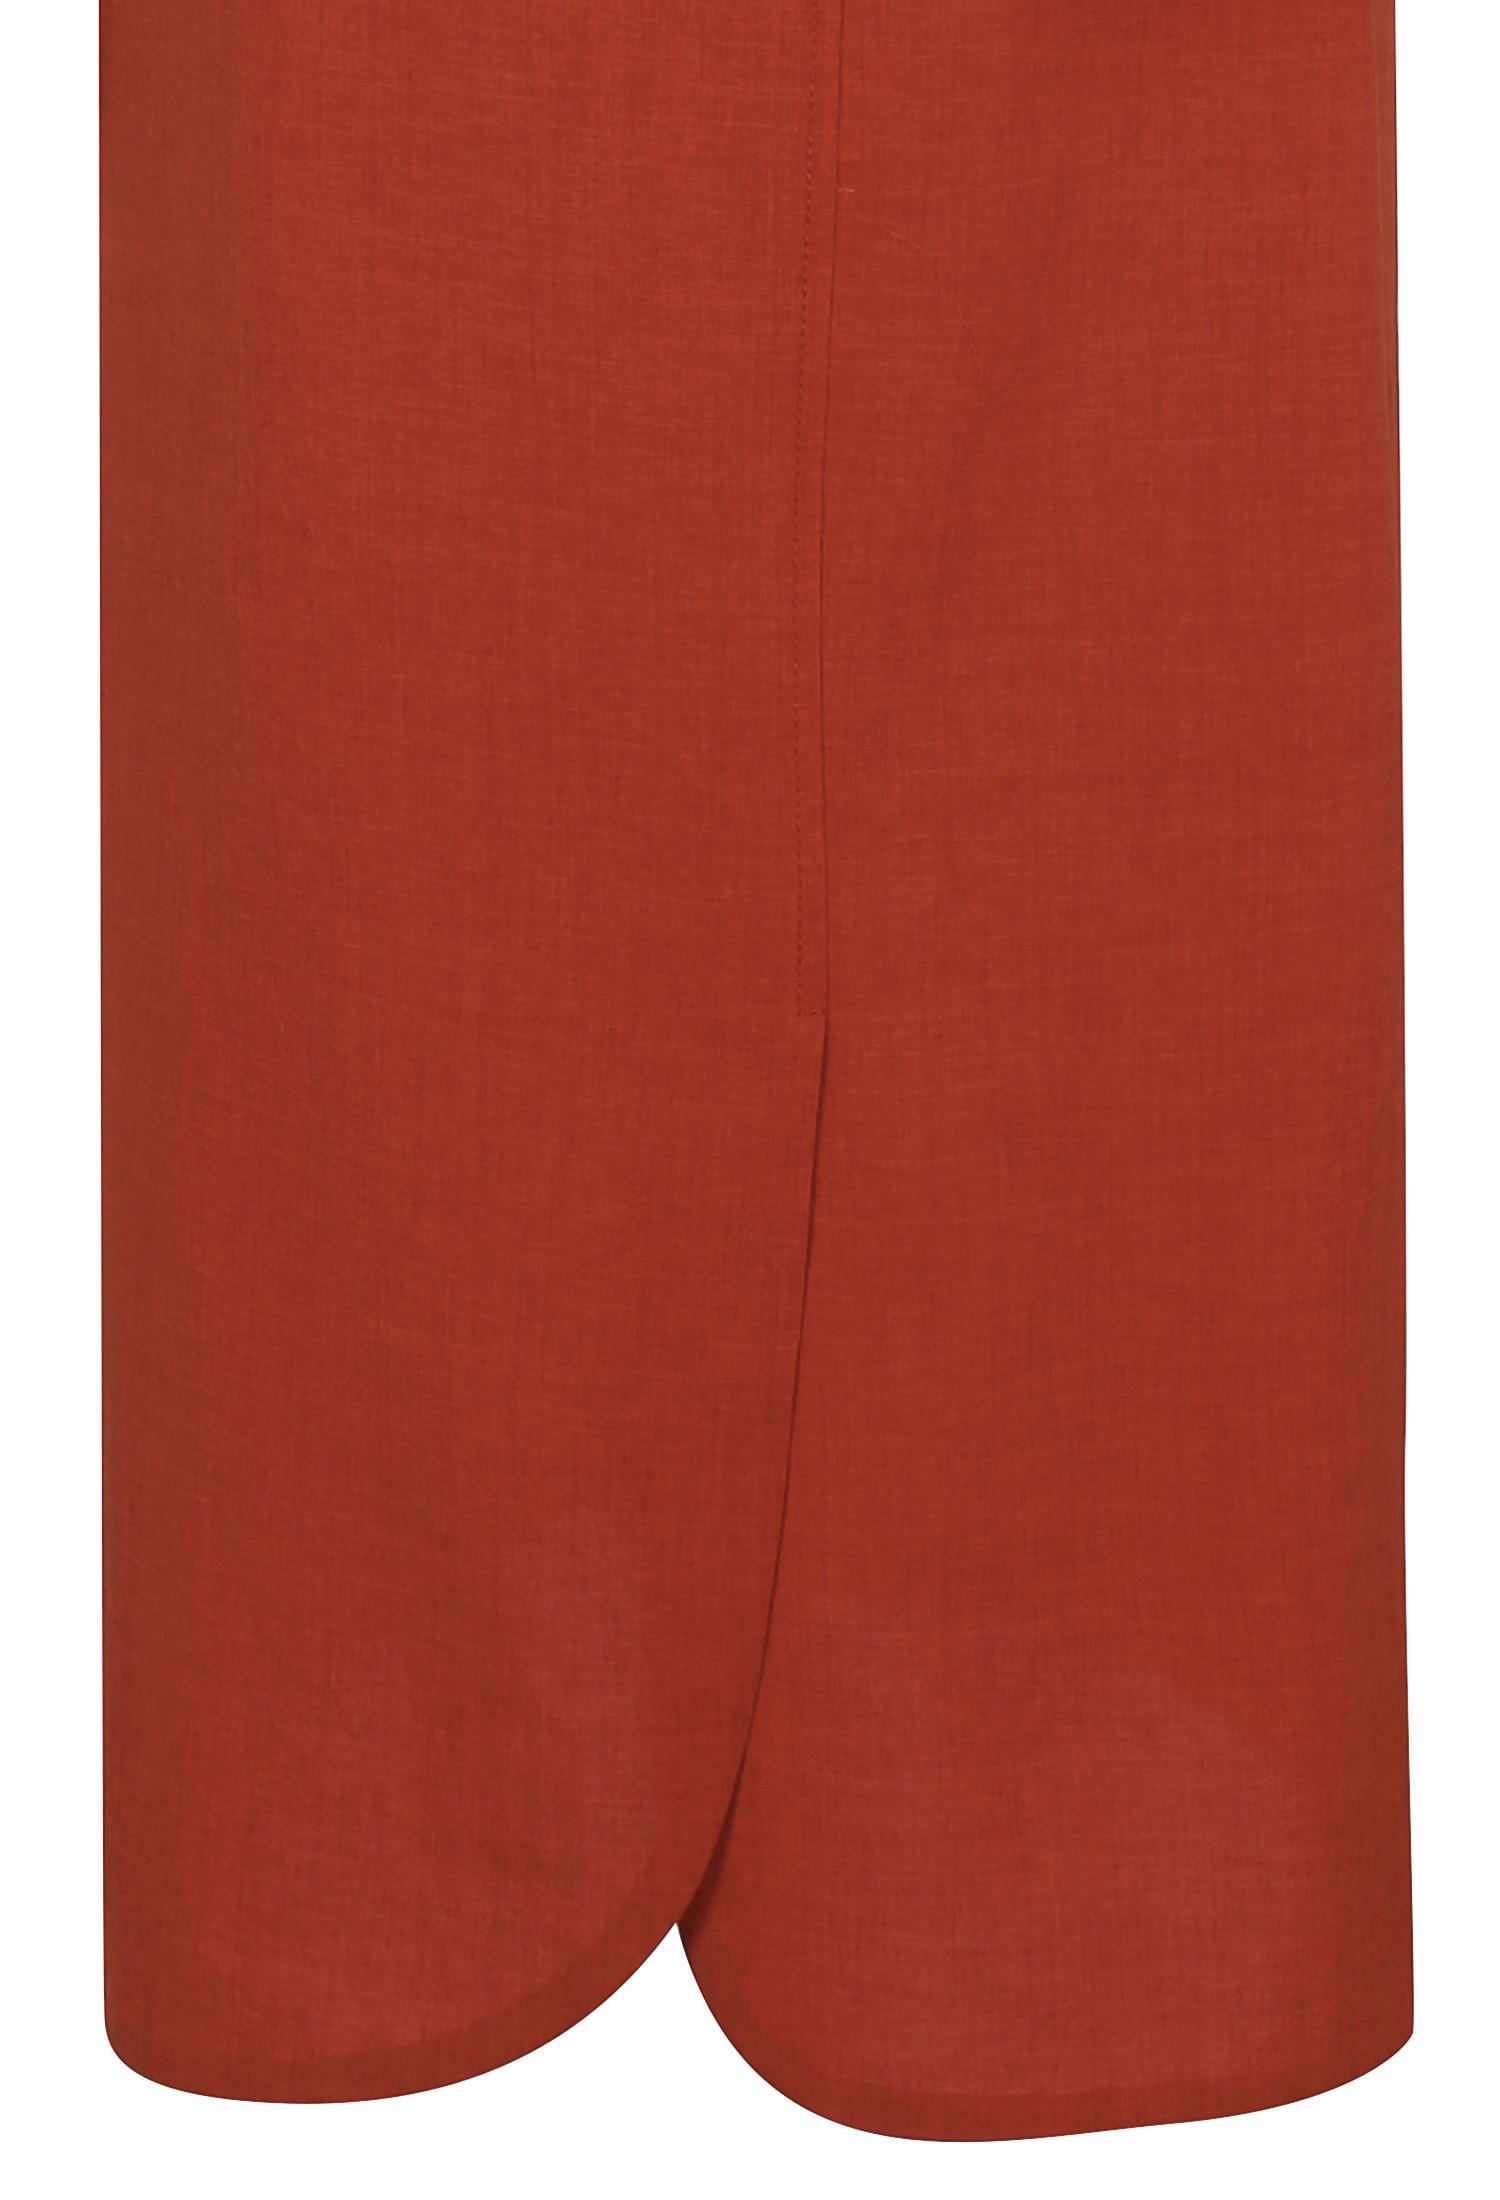 포켓 디테일 셔츠 원피스 (ORANGE)